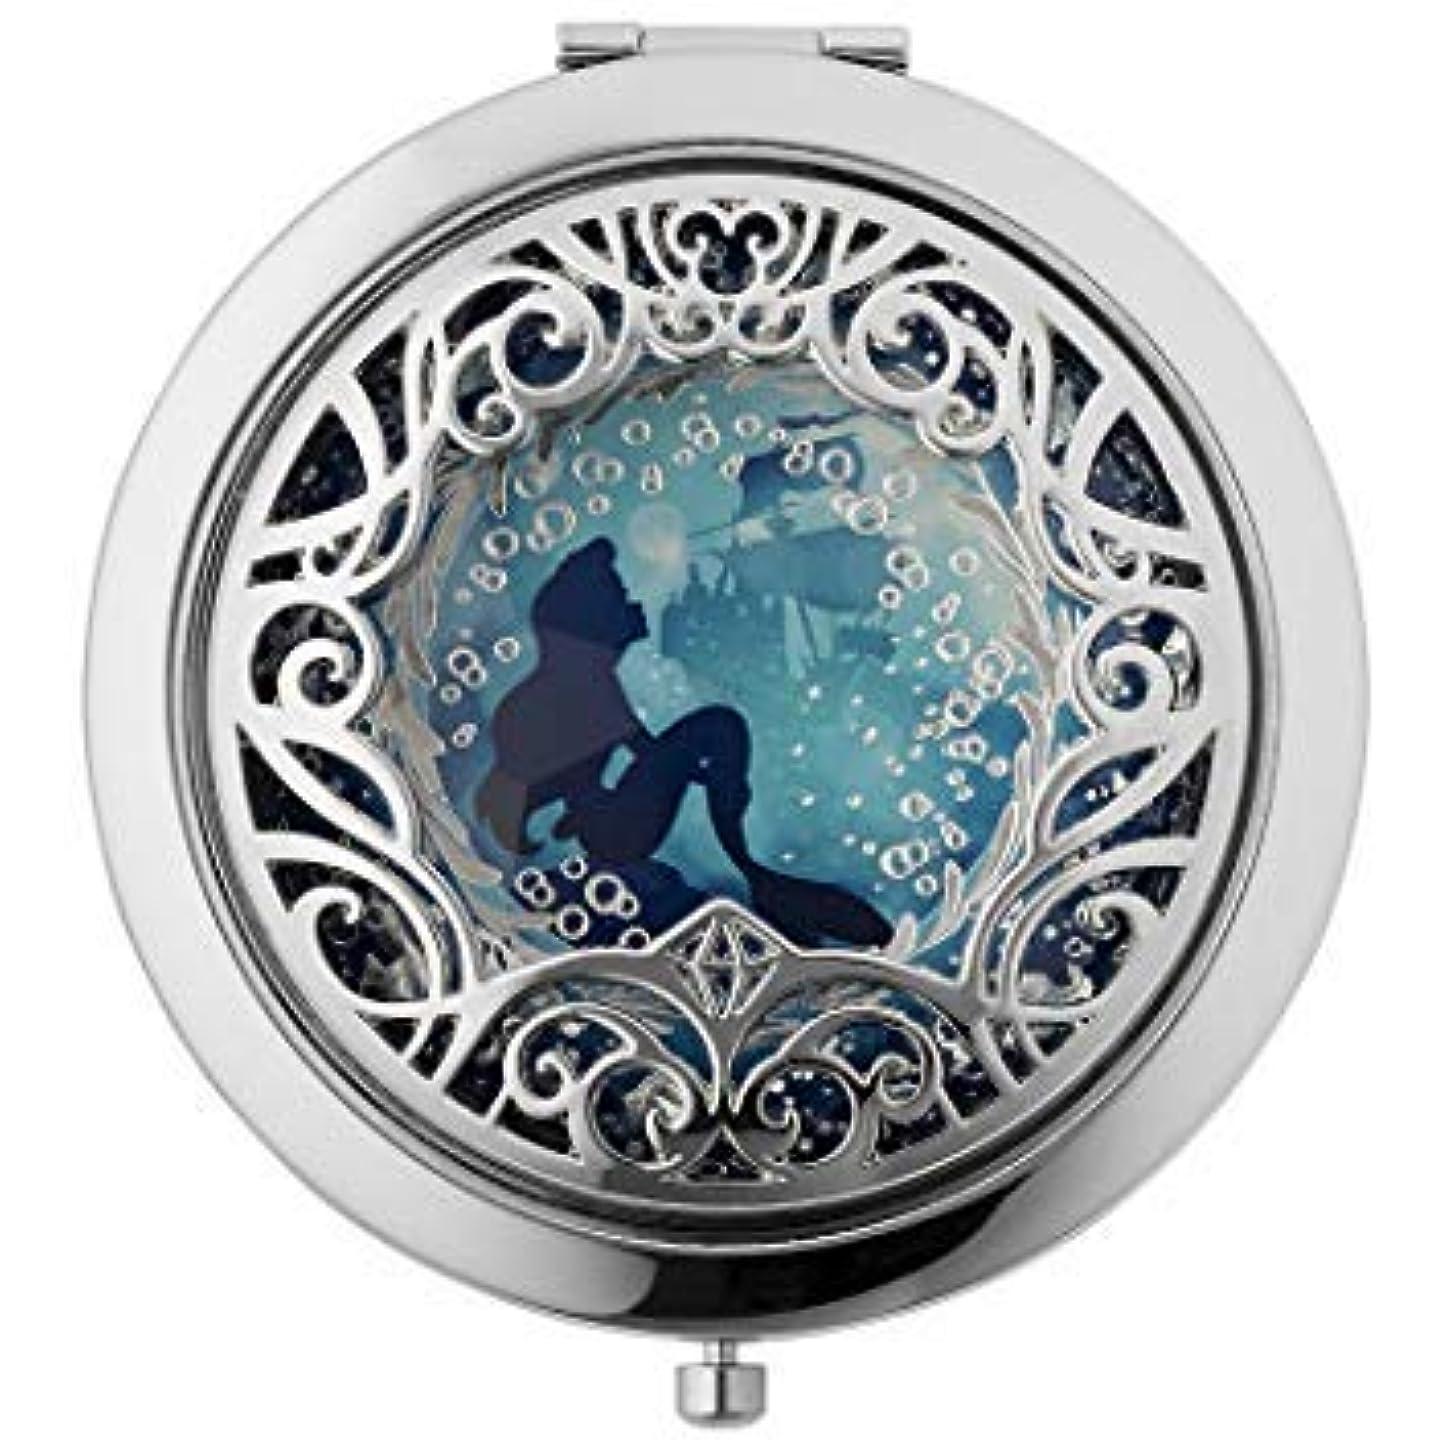 のためにたるみ全能Disney Sephora ARIEL Set the Mood Compact Mirror (ディズニー セフォラ アリエル コンパクト ミラー) for Women